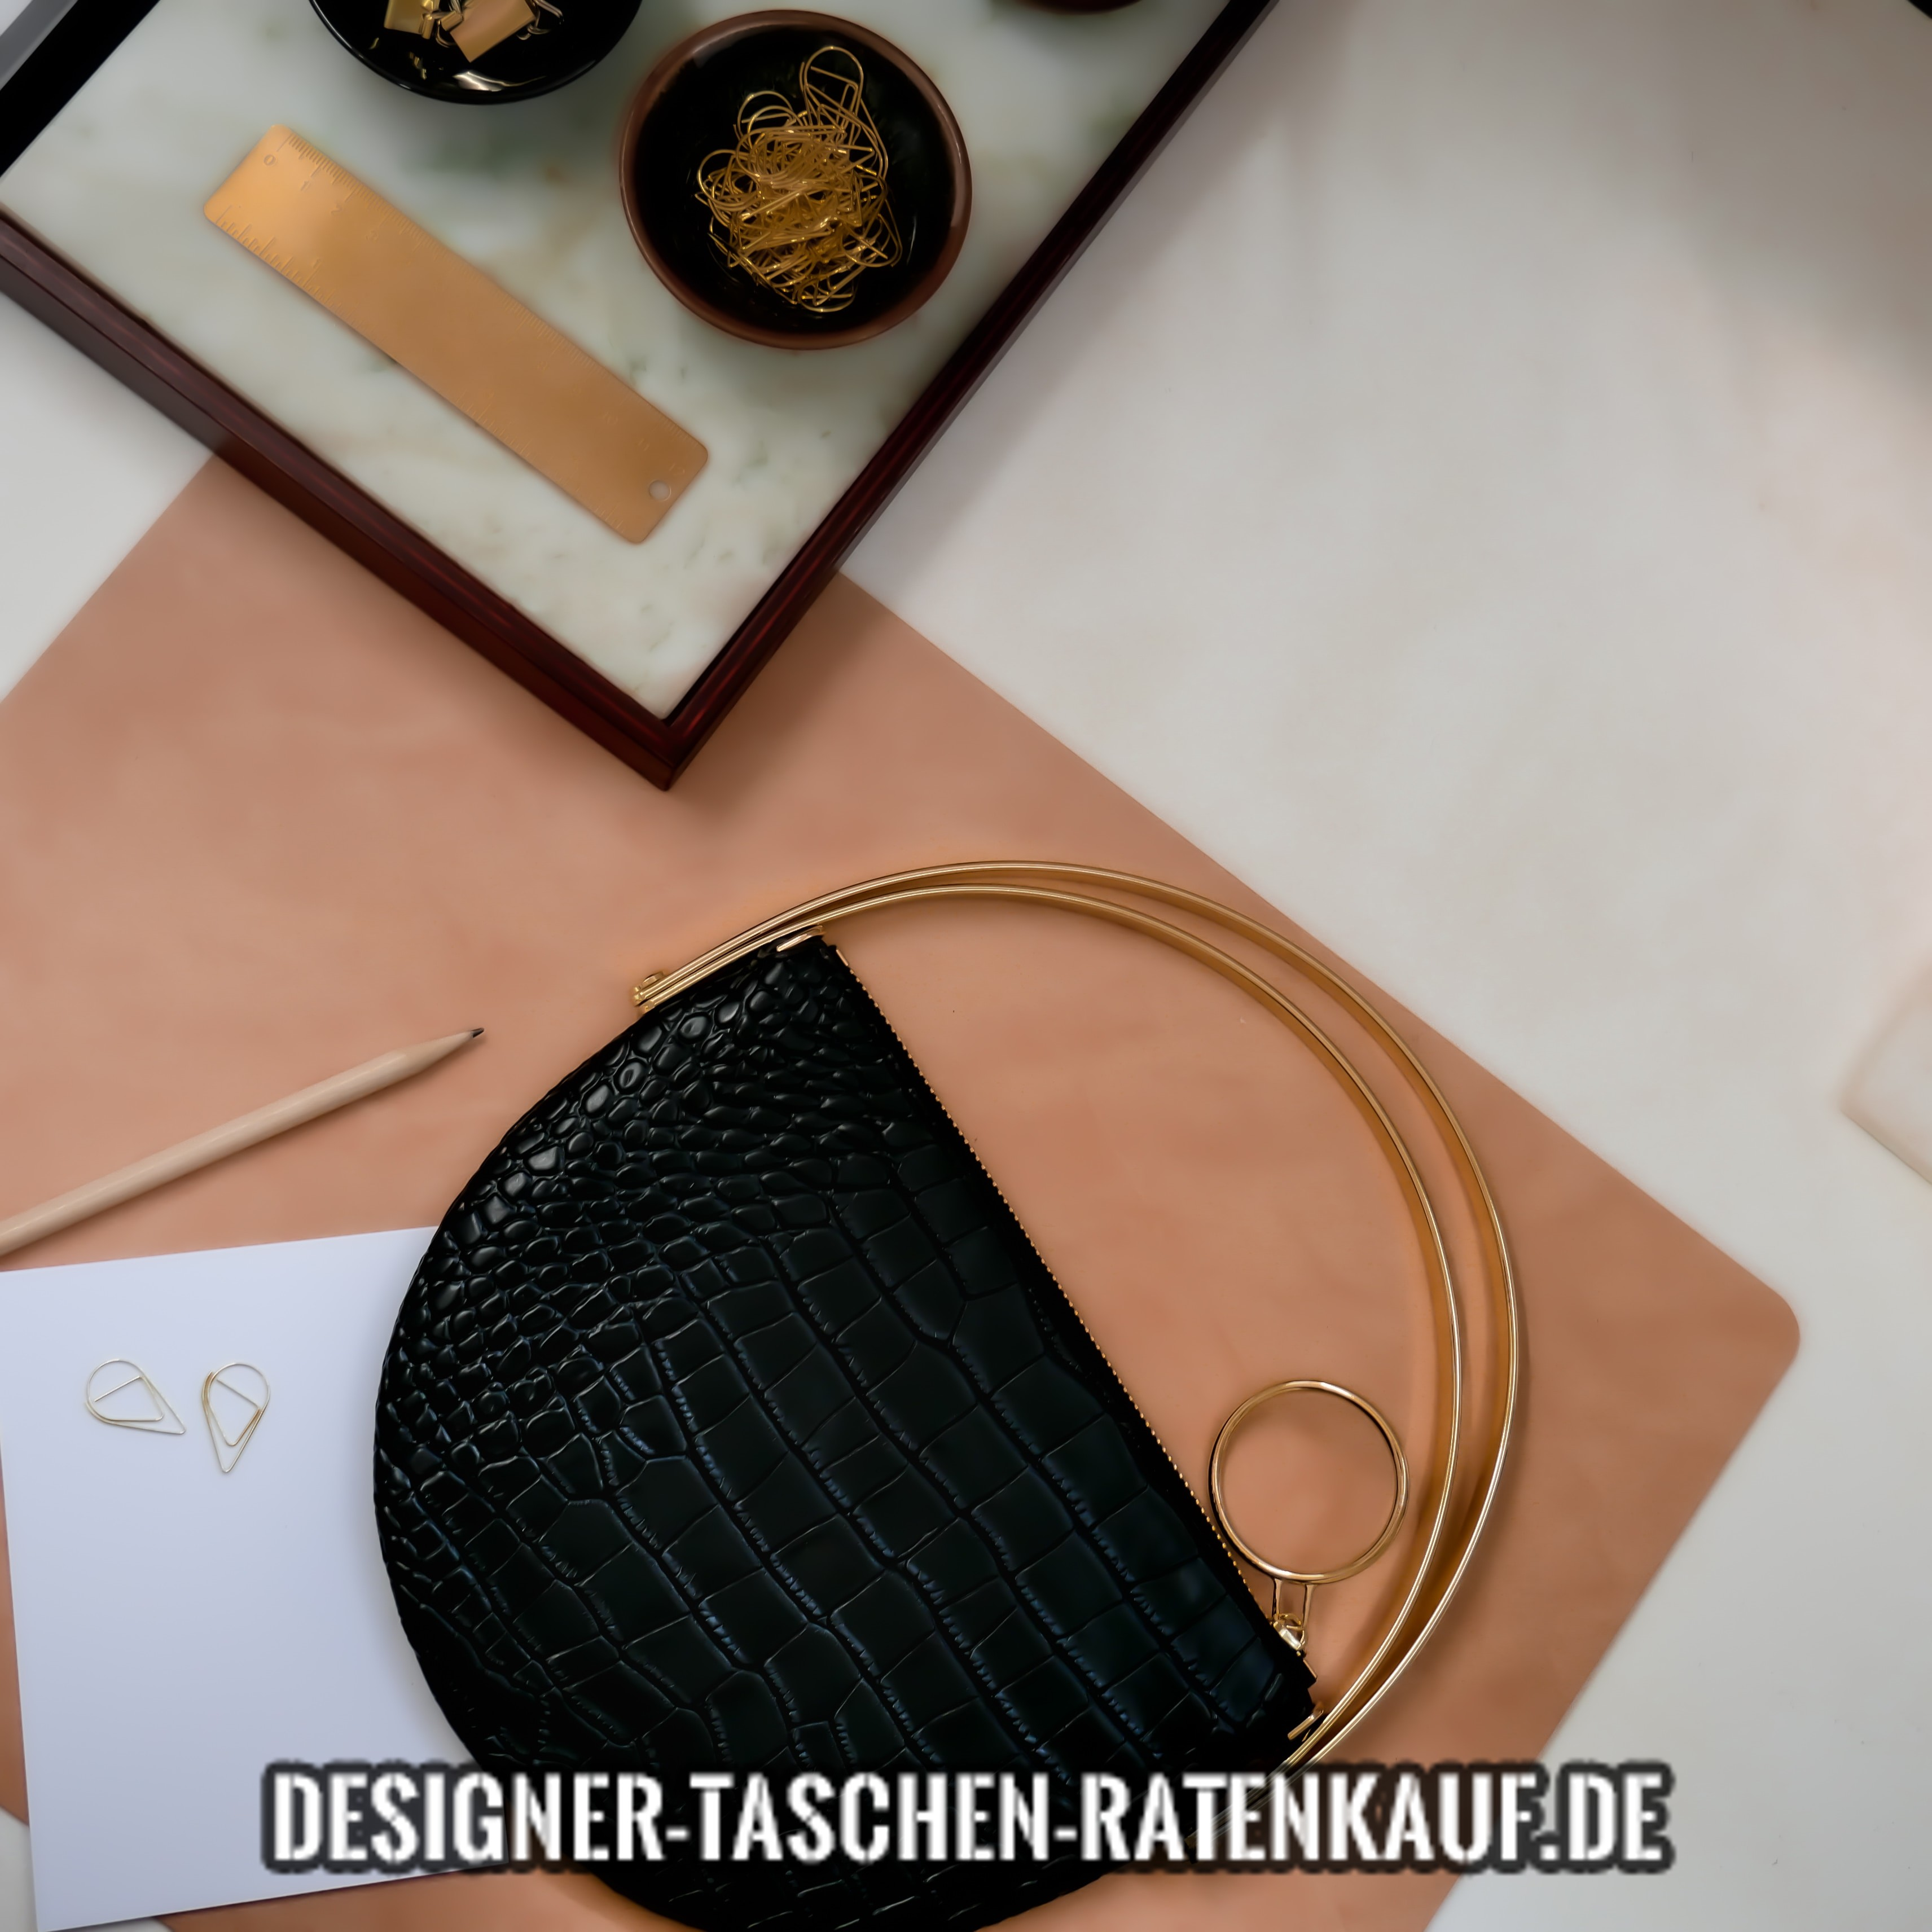 luxus tasche ratenkauf